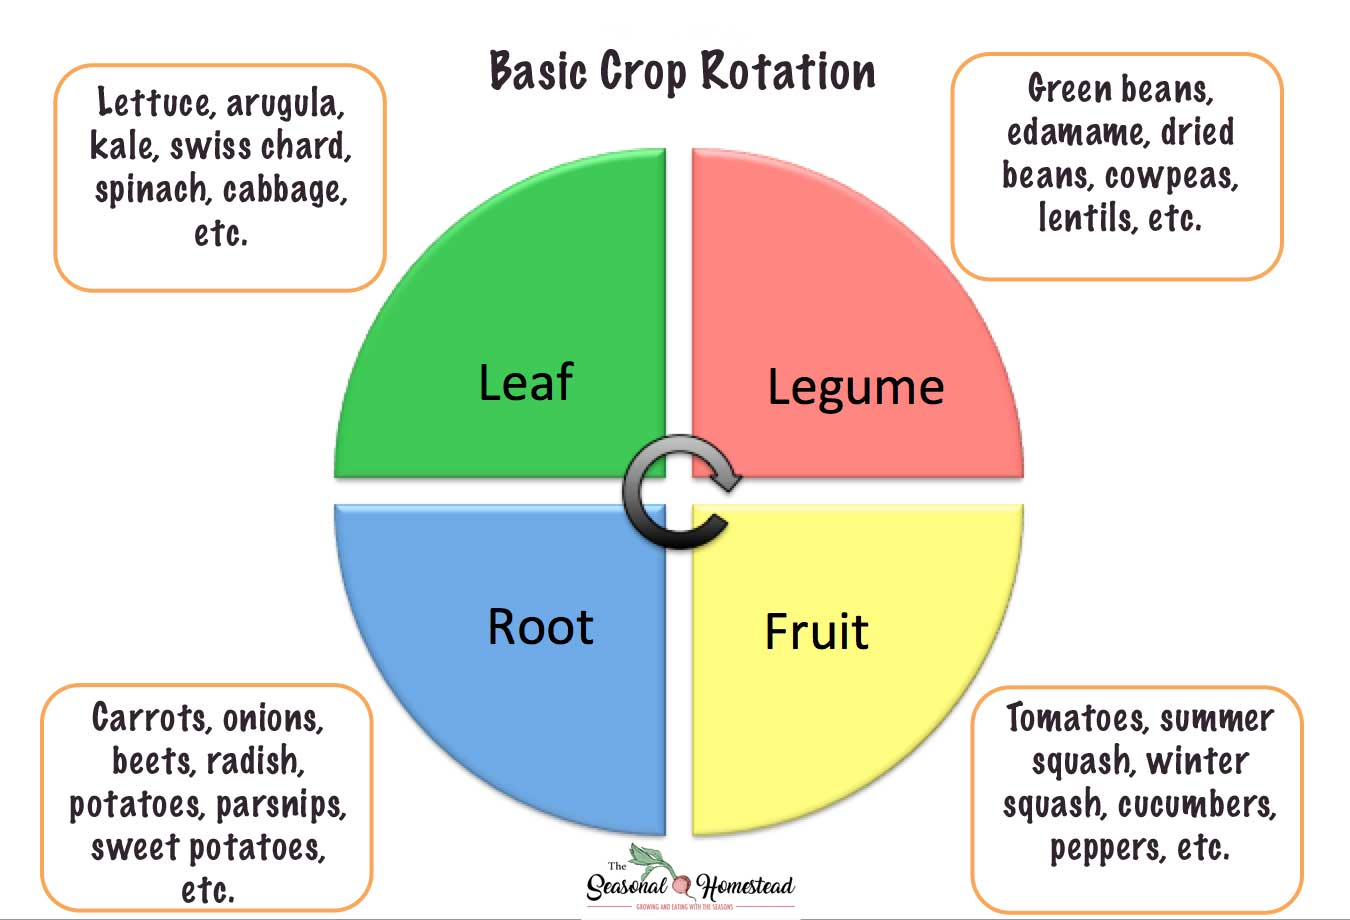 Basic-Crop-Rotation.jpg